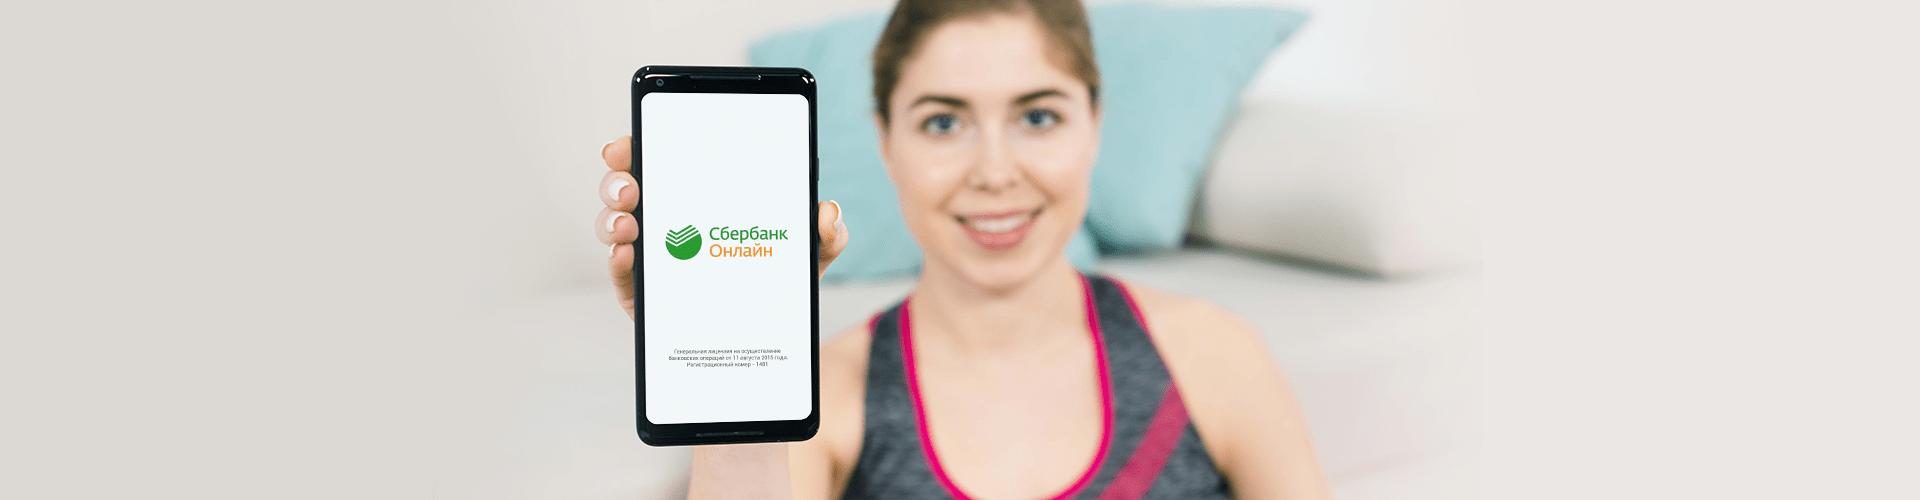 сбербанк онлайн, приложение, коммунальные платежи